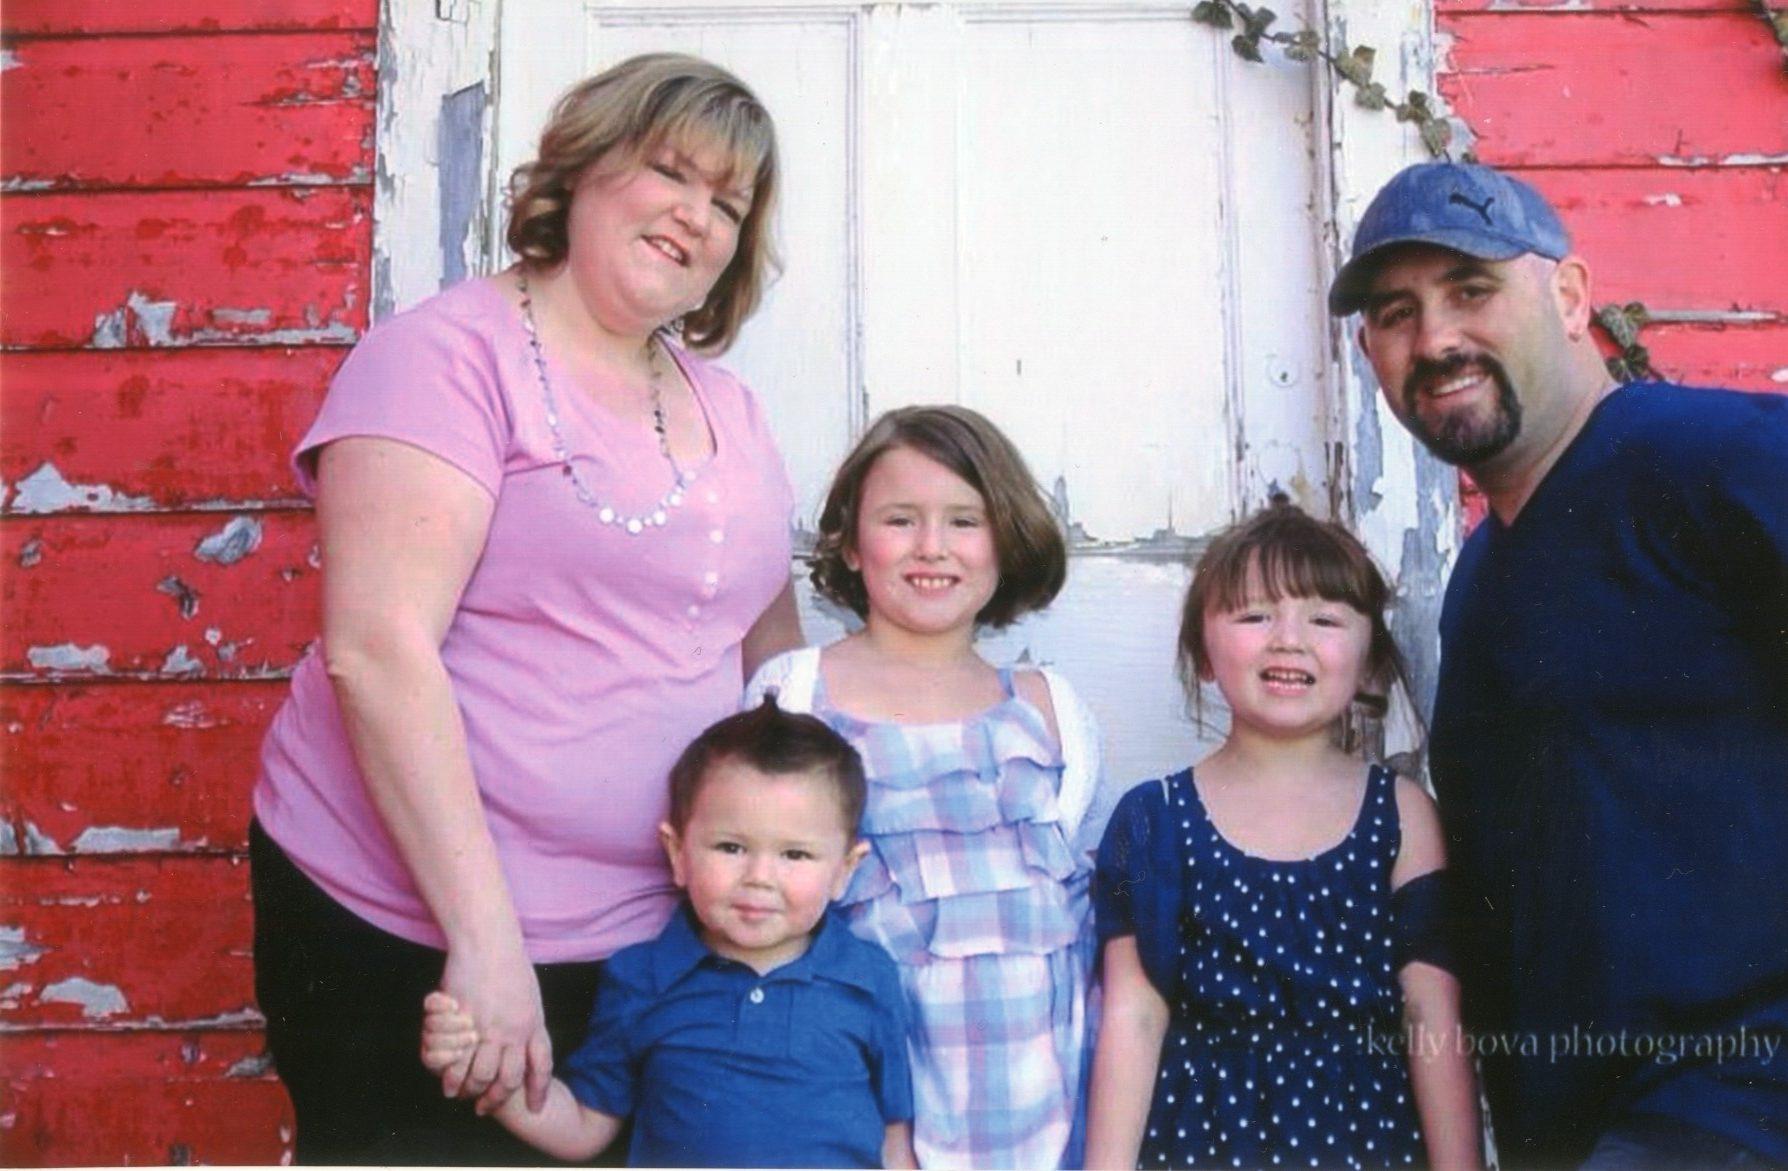 Marissa Nicholson with her children, Milo, Ellen and Juliet, and her husband, Todd, in a photo taken 3 years ago.